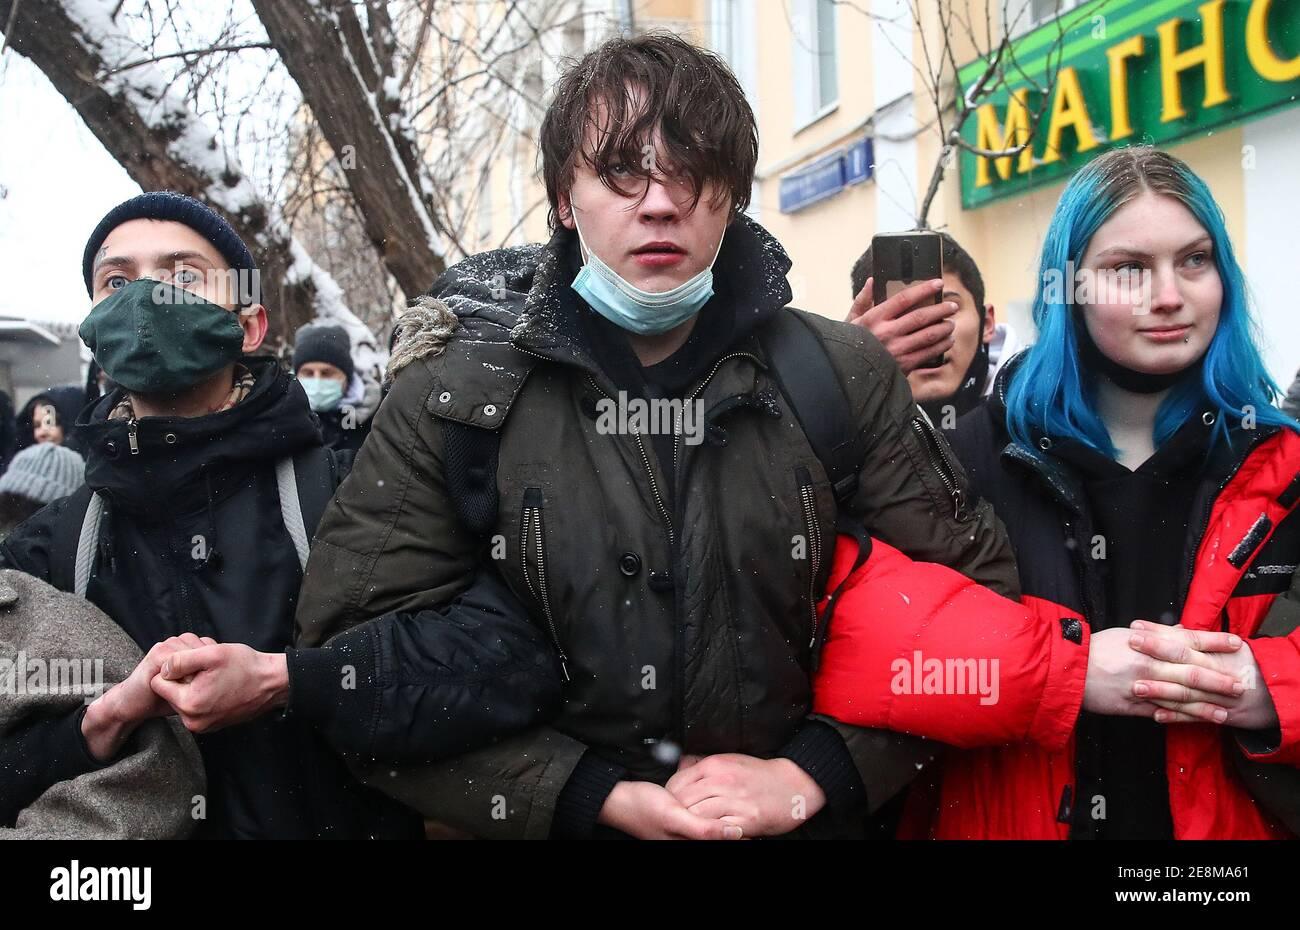 Moscú, Rusia. 31 de enero de 2021. La gente participa en una manifestación no autorizada en apoyo del activista de la oposición rusa Alexei Navalny cerca del centro de detención preventiva Matrosskaya Tishina. En relación con las convocatorias de protestas, el movimiento de peatones y el transporte público han sido restringidos en el centro de Moscú. El acceso a varias estaciones del Metro de Moscú ha sido cerrado temporalmente, con trenes que pasan sin parar. Crédito: Valery Sharifulin/TASS/Alamy Live News Foto de stock